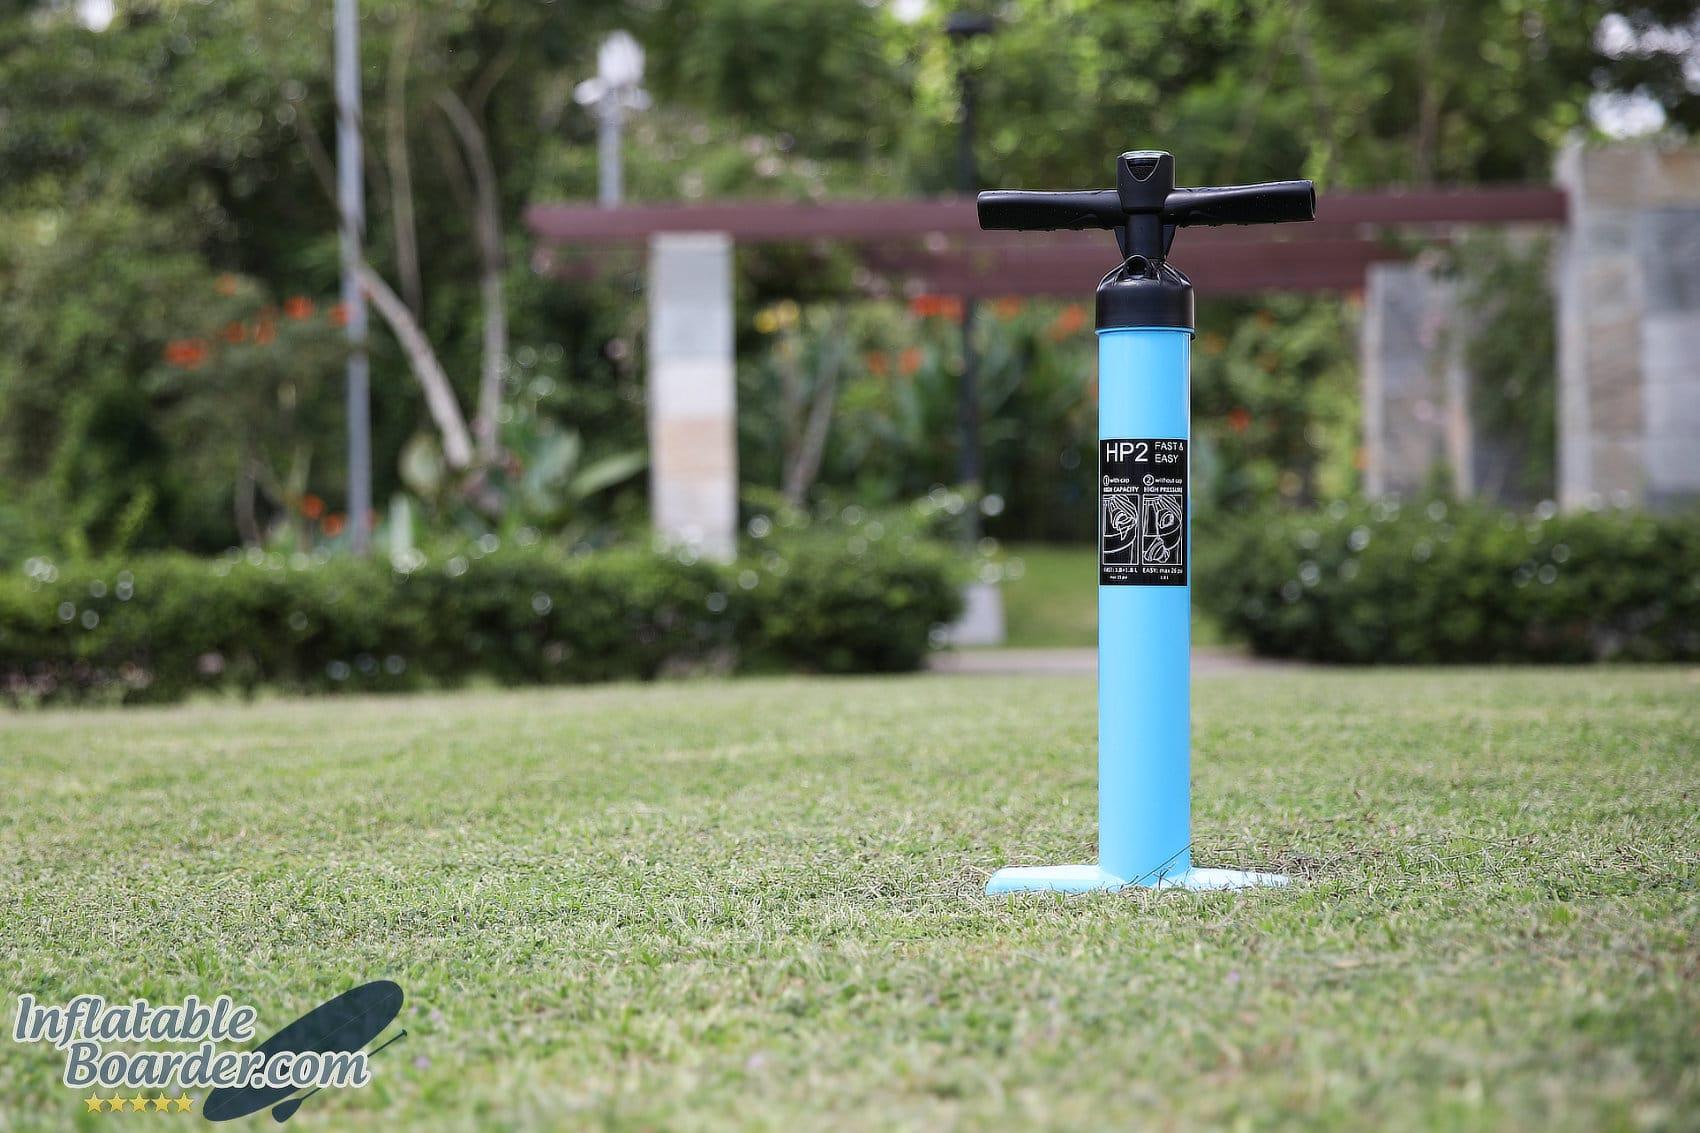 Bluefin HP2 SUP Pump